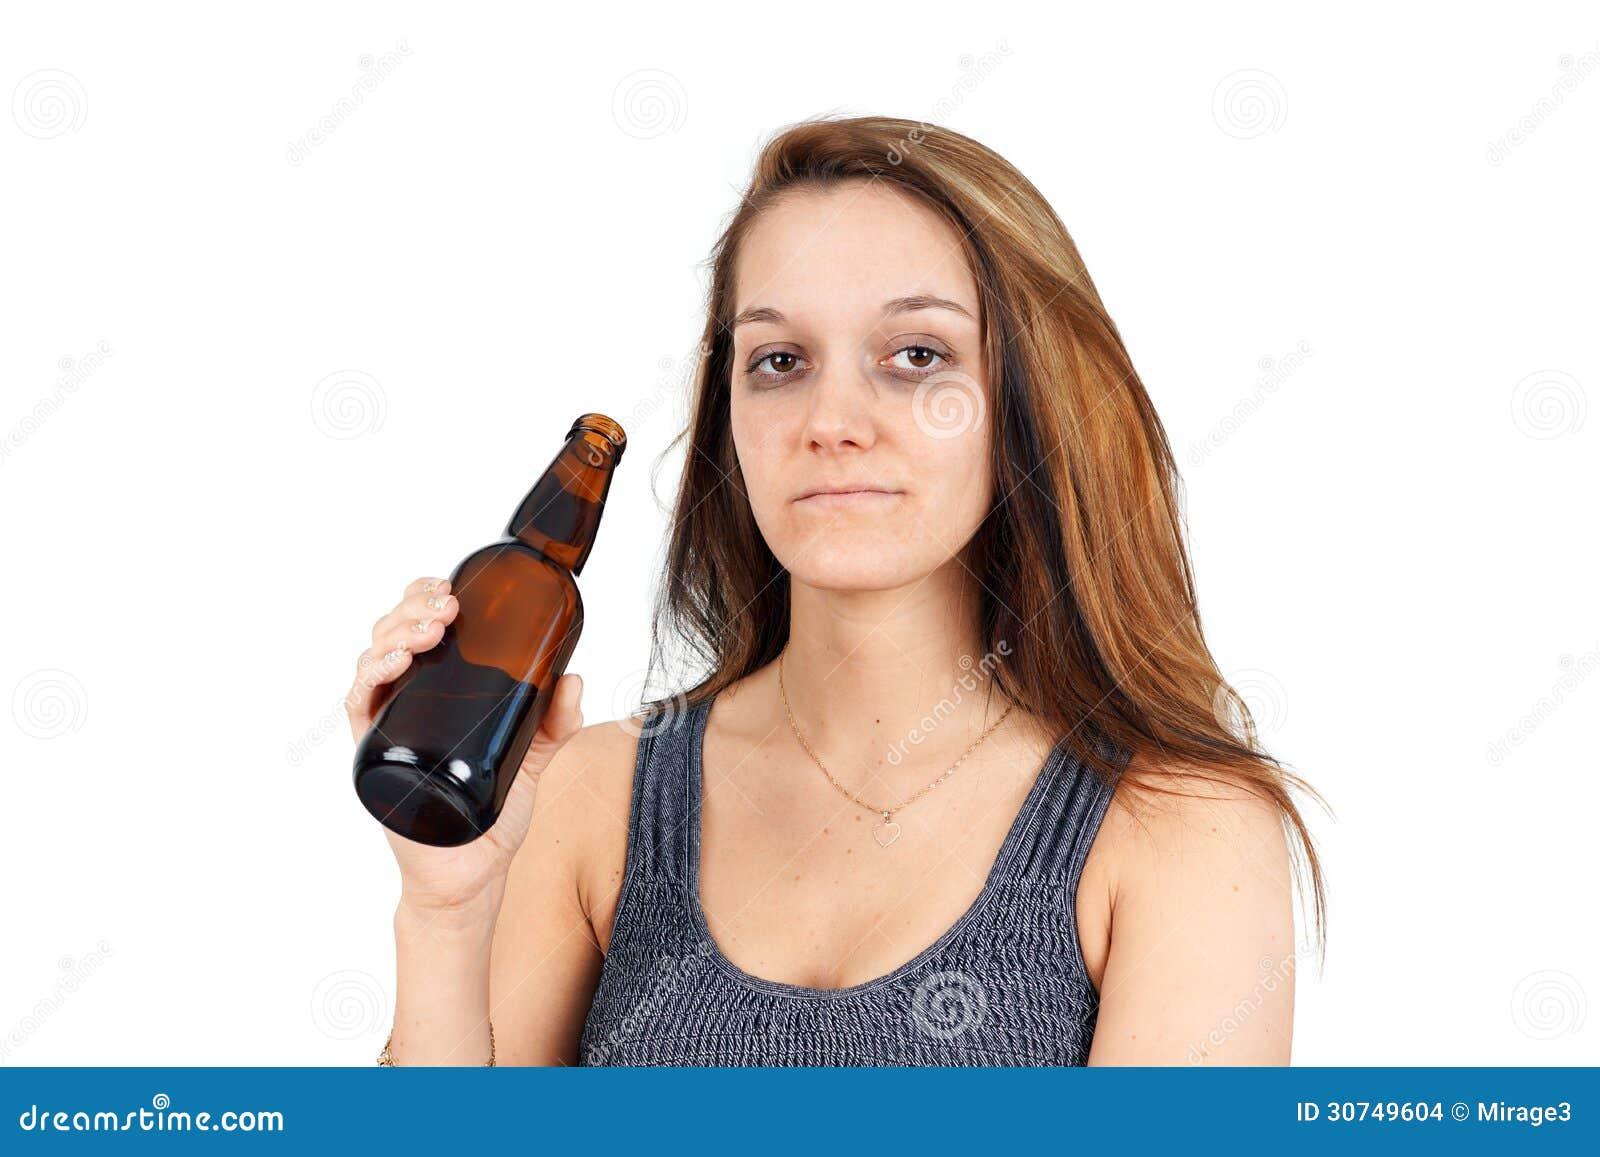 Смотреть фото пьяных женщин 21 фотография